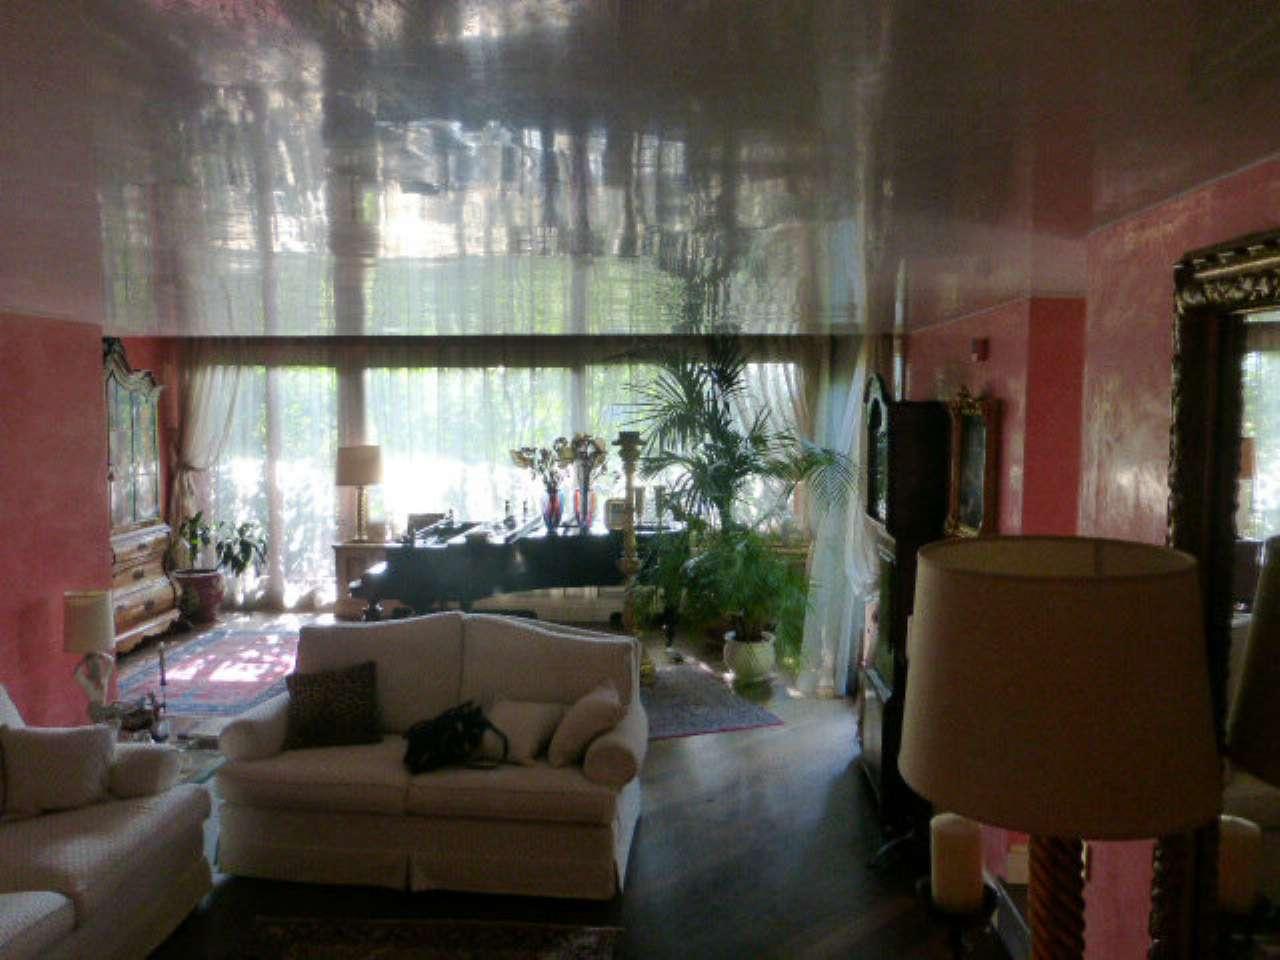 Attico / Mansarda in vendita a Varese, 7 locali, Trattative riservate | Cambio Casa.it